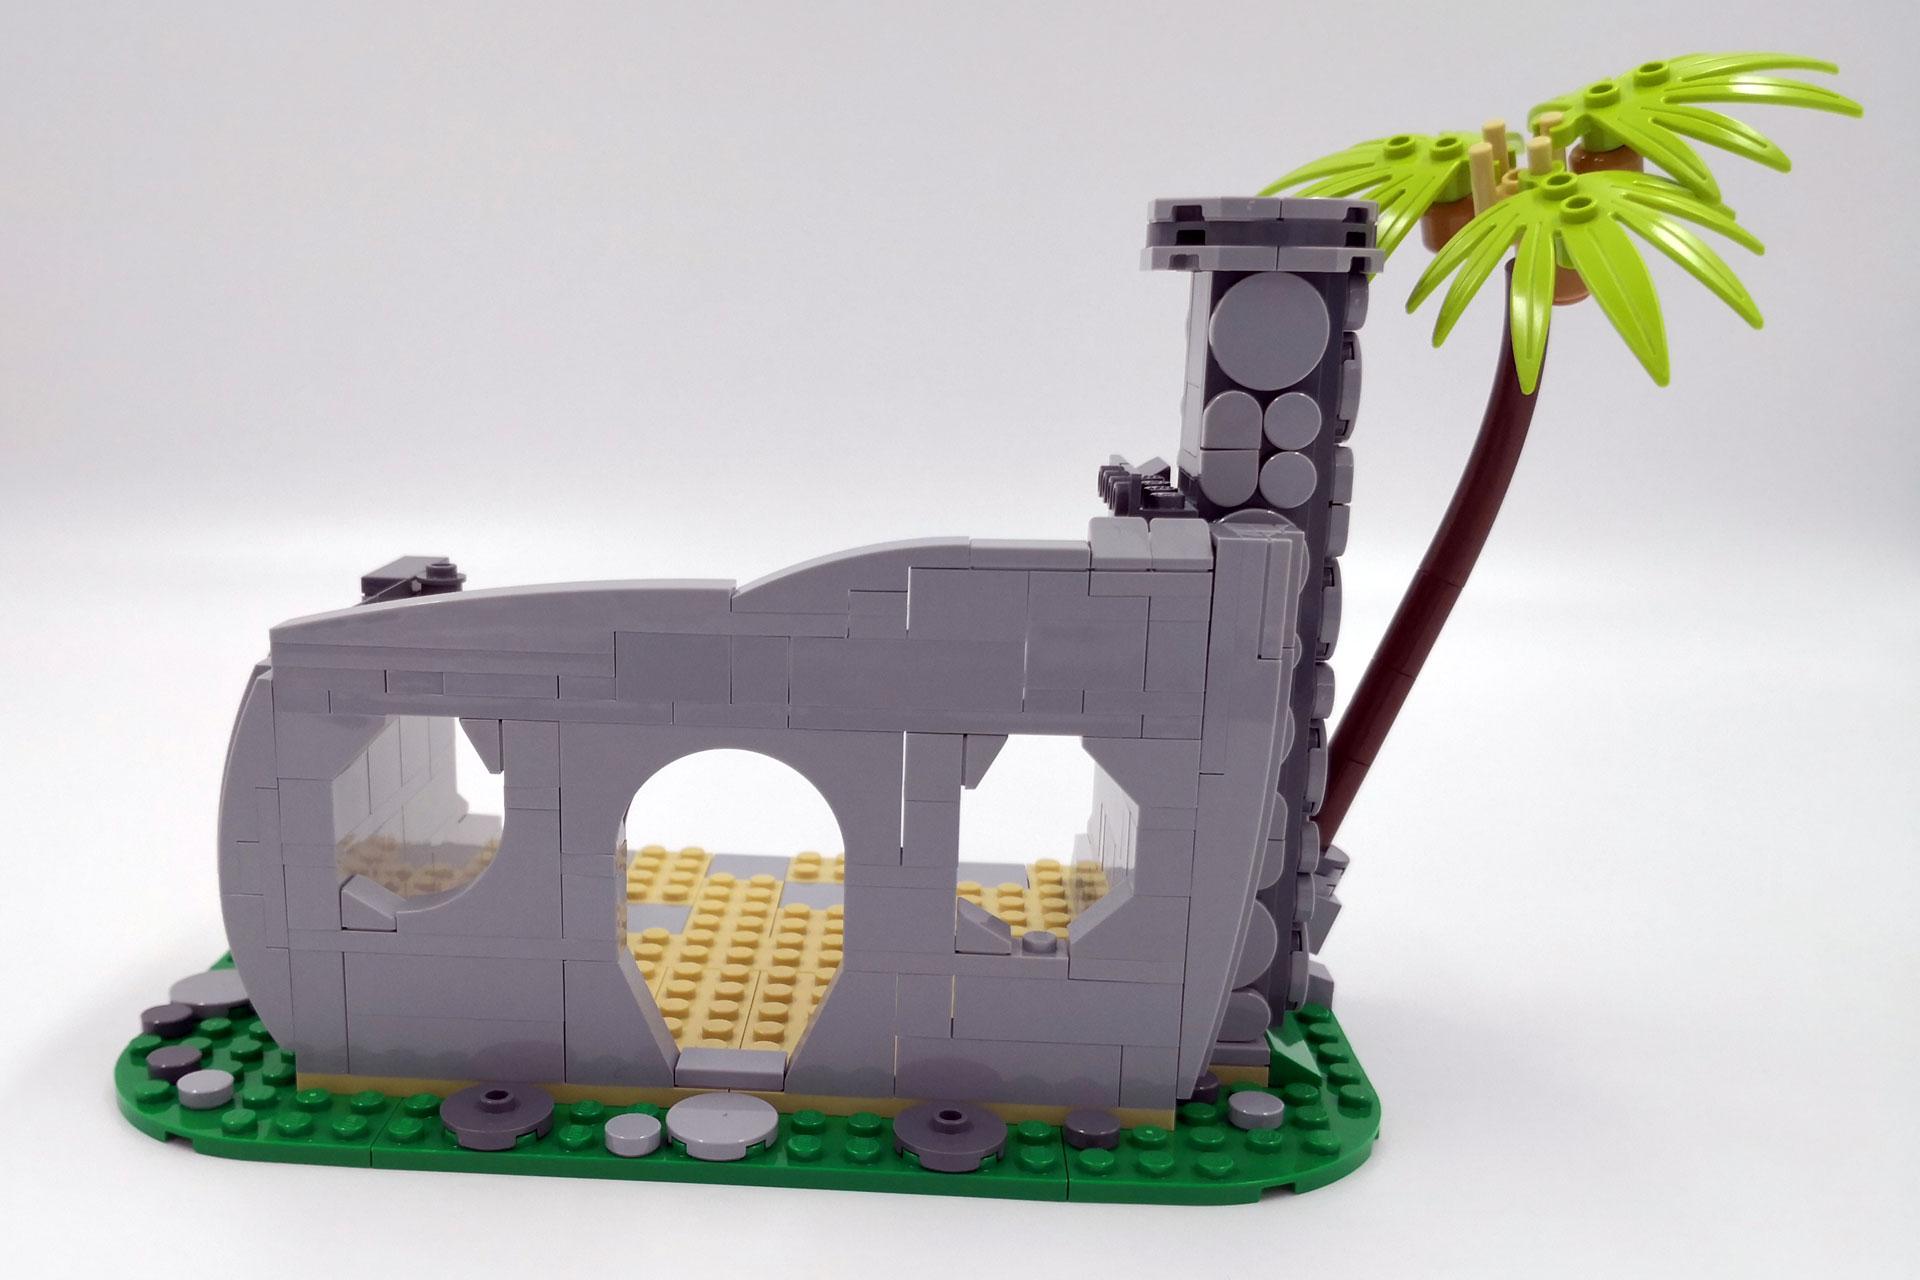 LEGO 21316 The Flintstones - Rohbau mit Schornstein und Palme